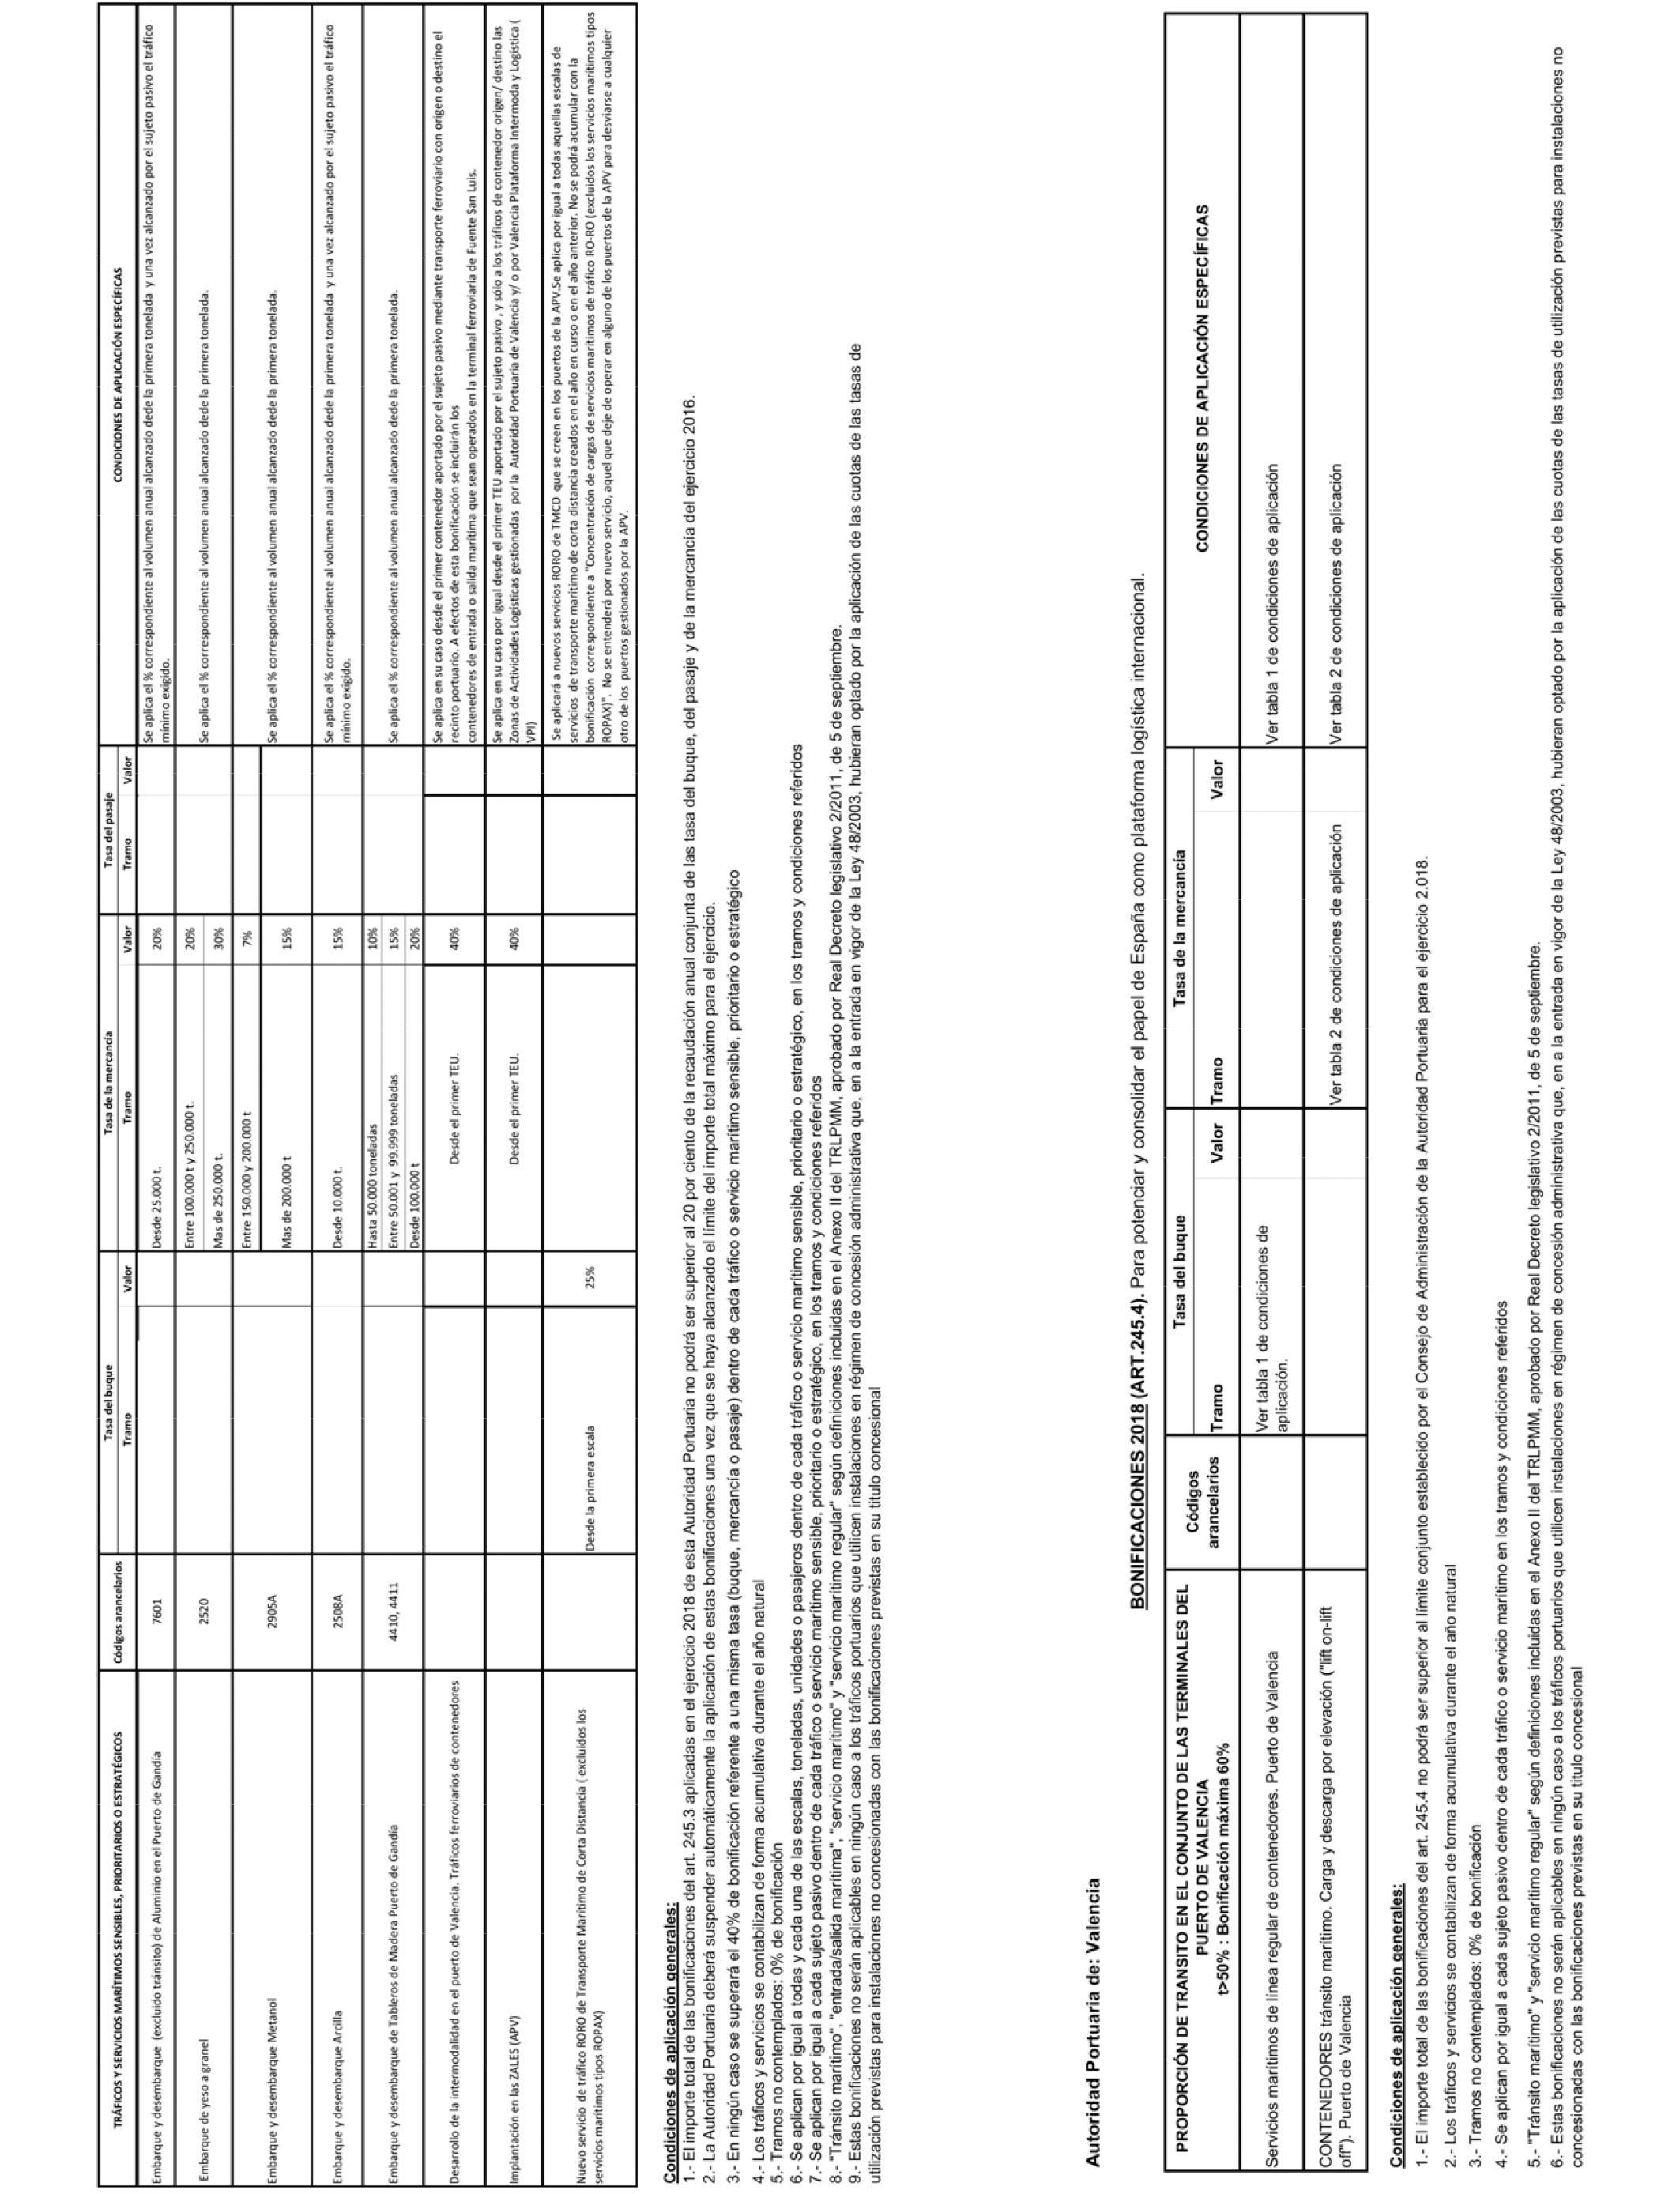 Calendario Escolar 2019 Logroño Más Populares Boe Documento Boe A 2018 9268 Of Calendario Escolar 2019 Logroño Más Recientemente Liberado Boe Documento Boe A 2018 9268